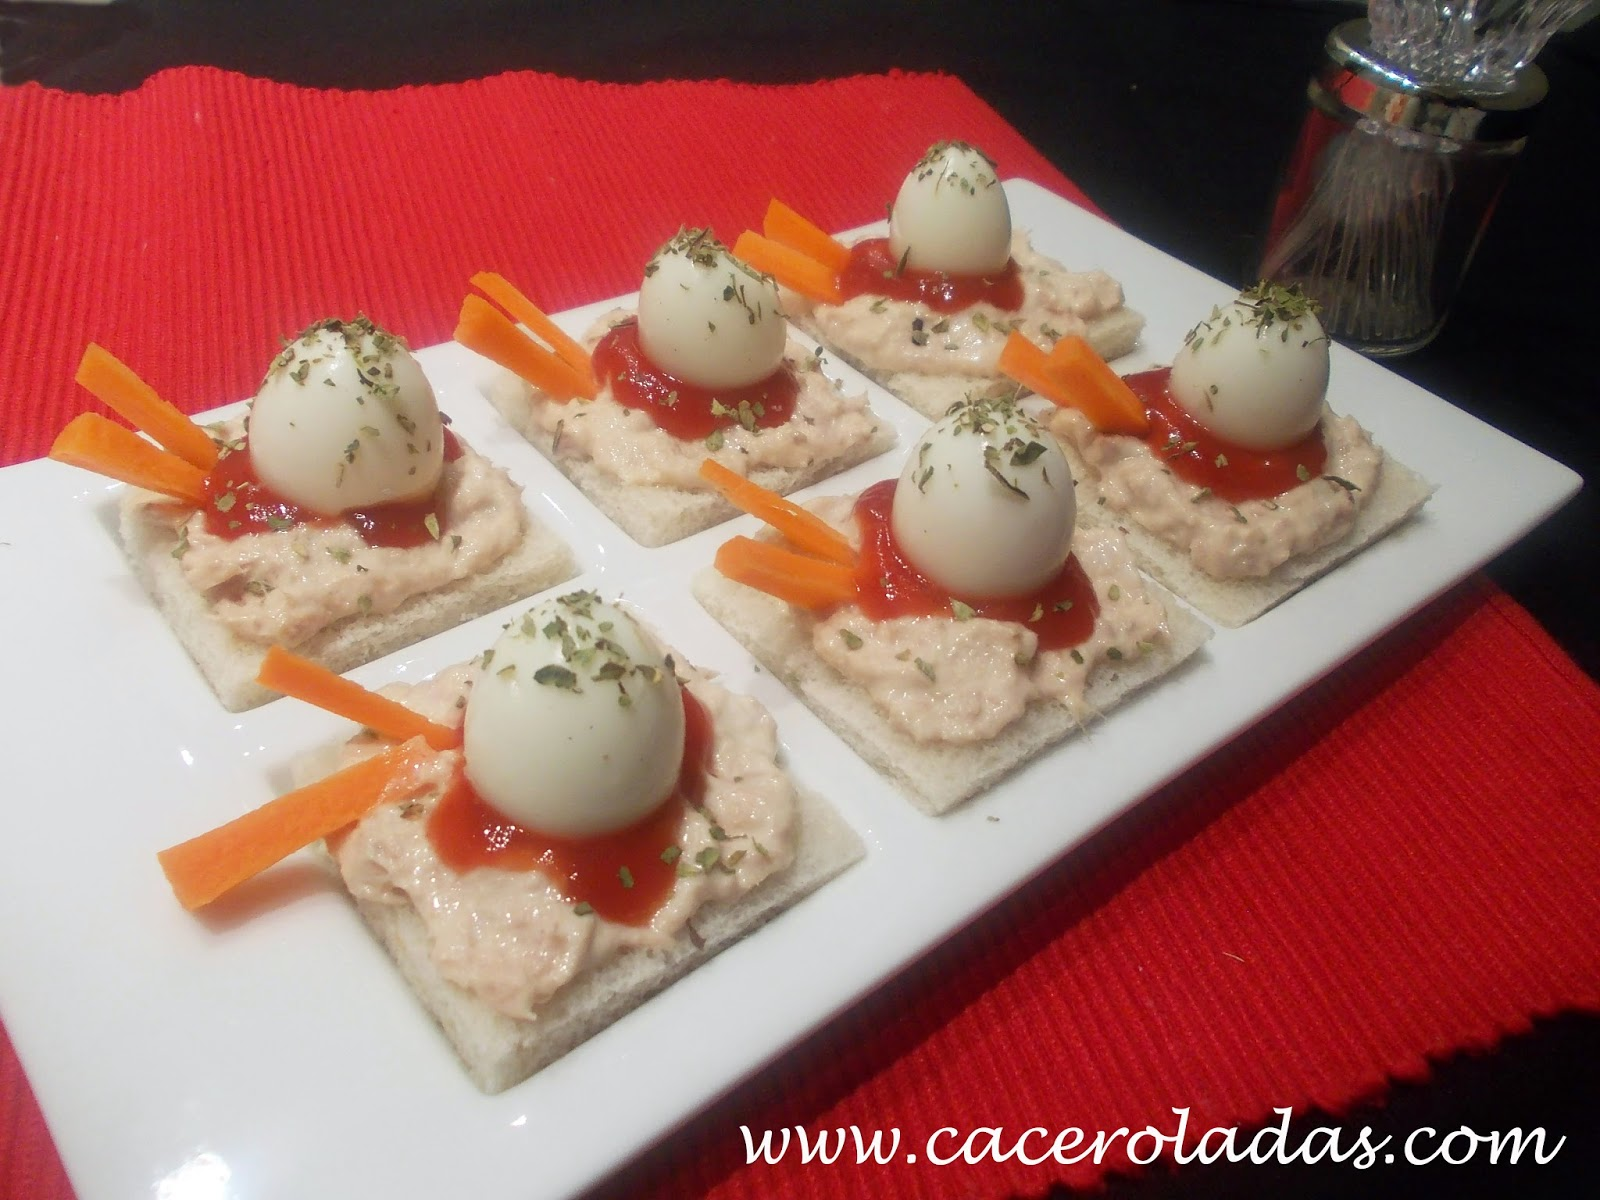 Canap s sencillos con huevos de codorniz caceroladas for Que es un canape